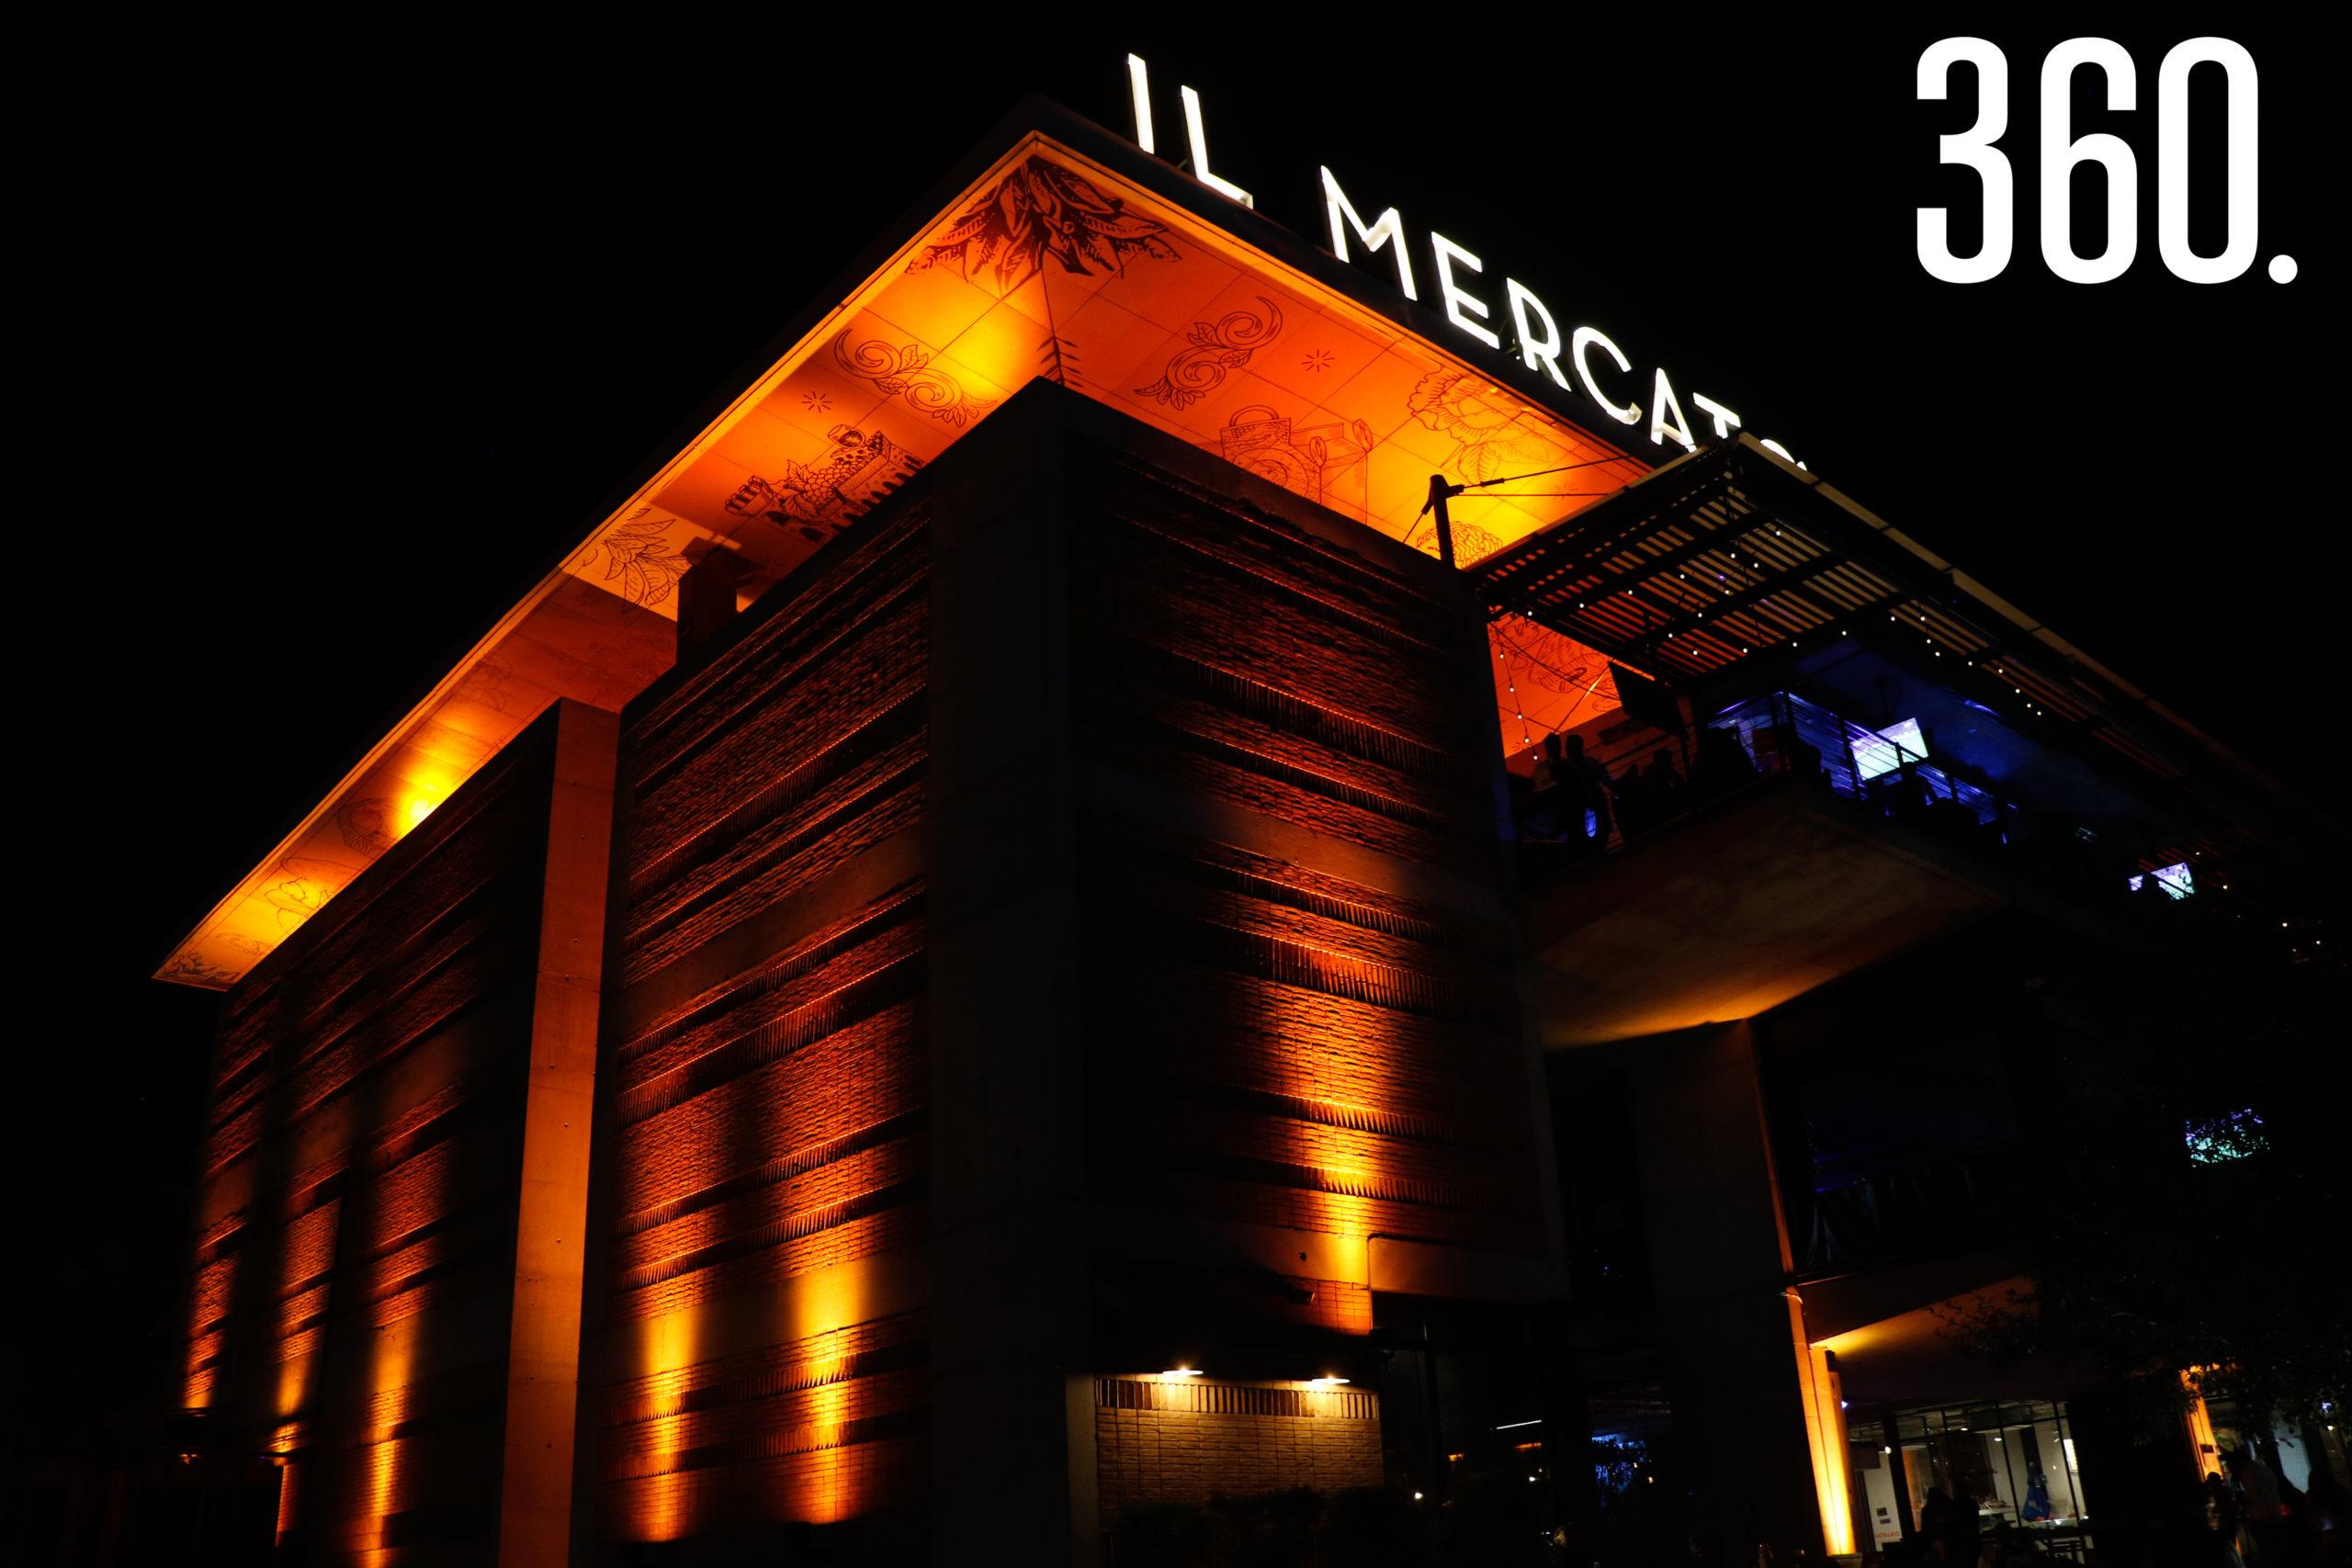 Nueva iluminación de Il Mercato.